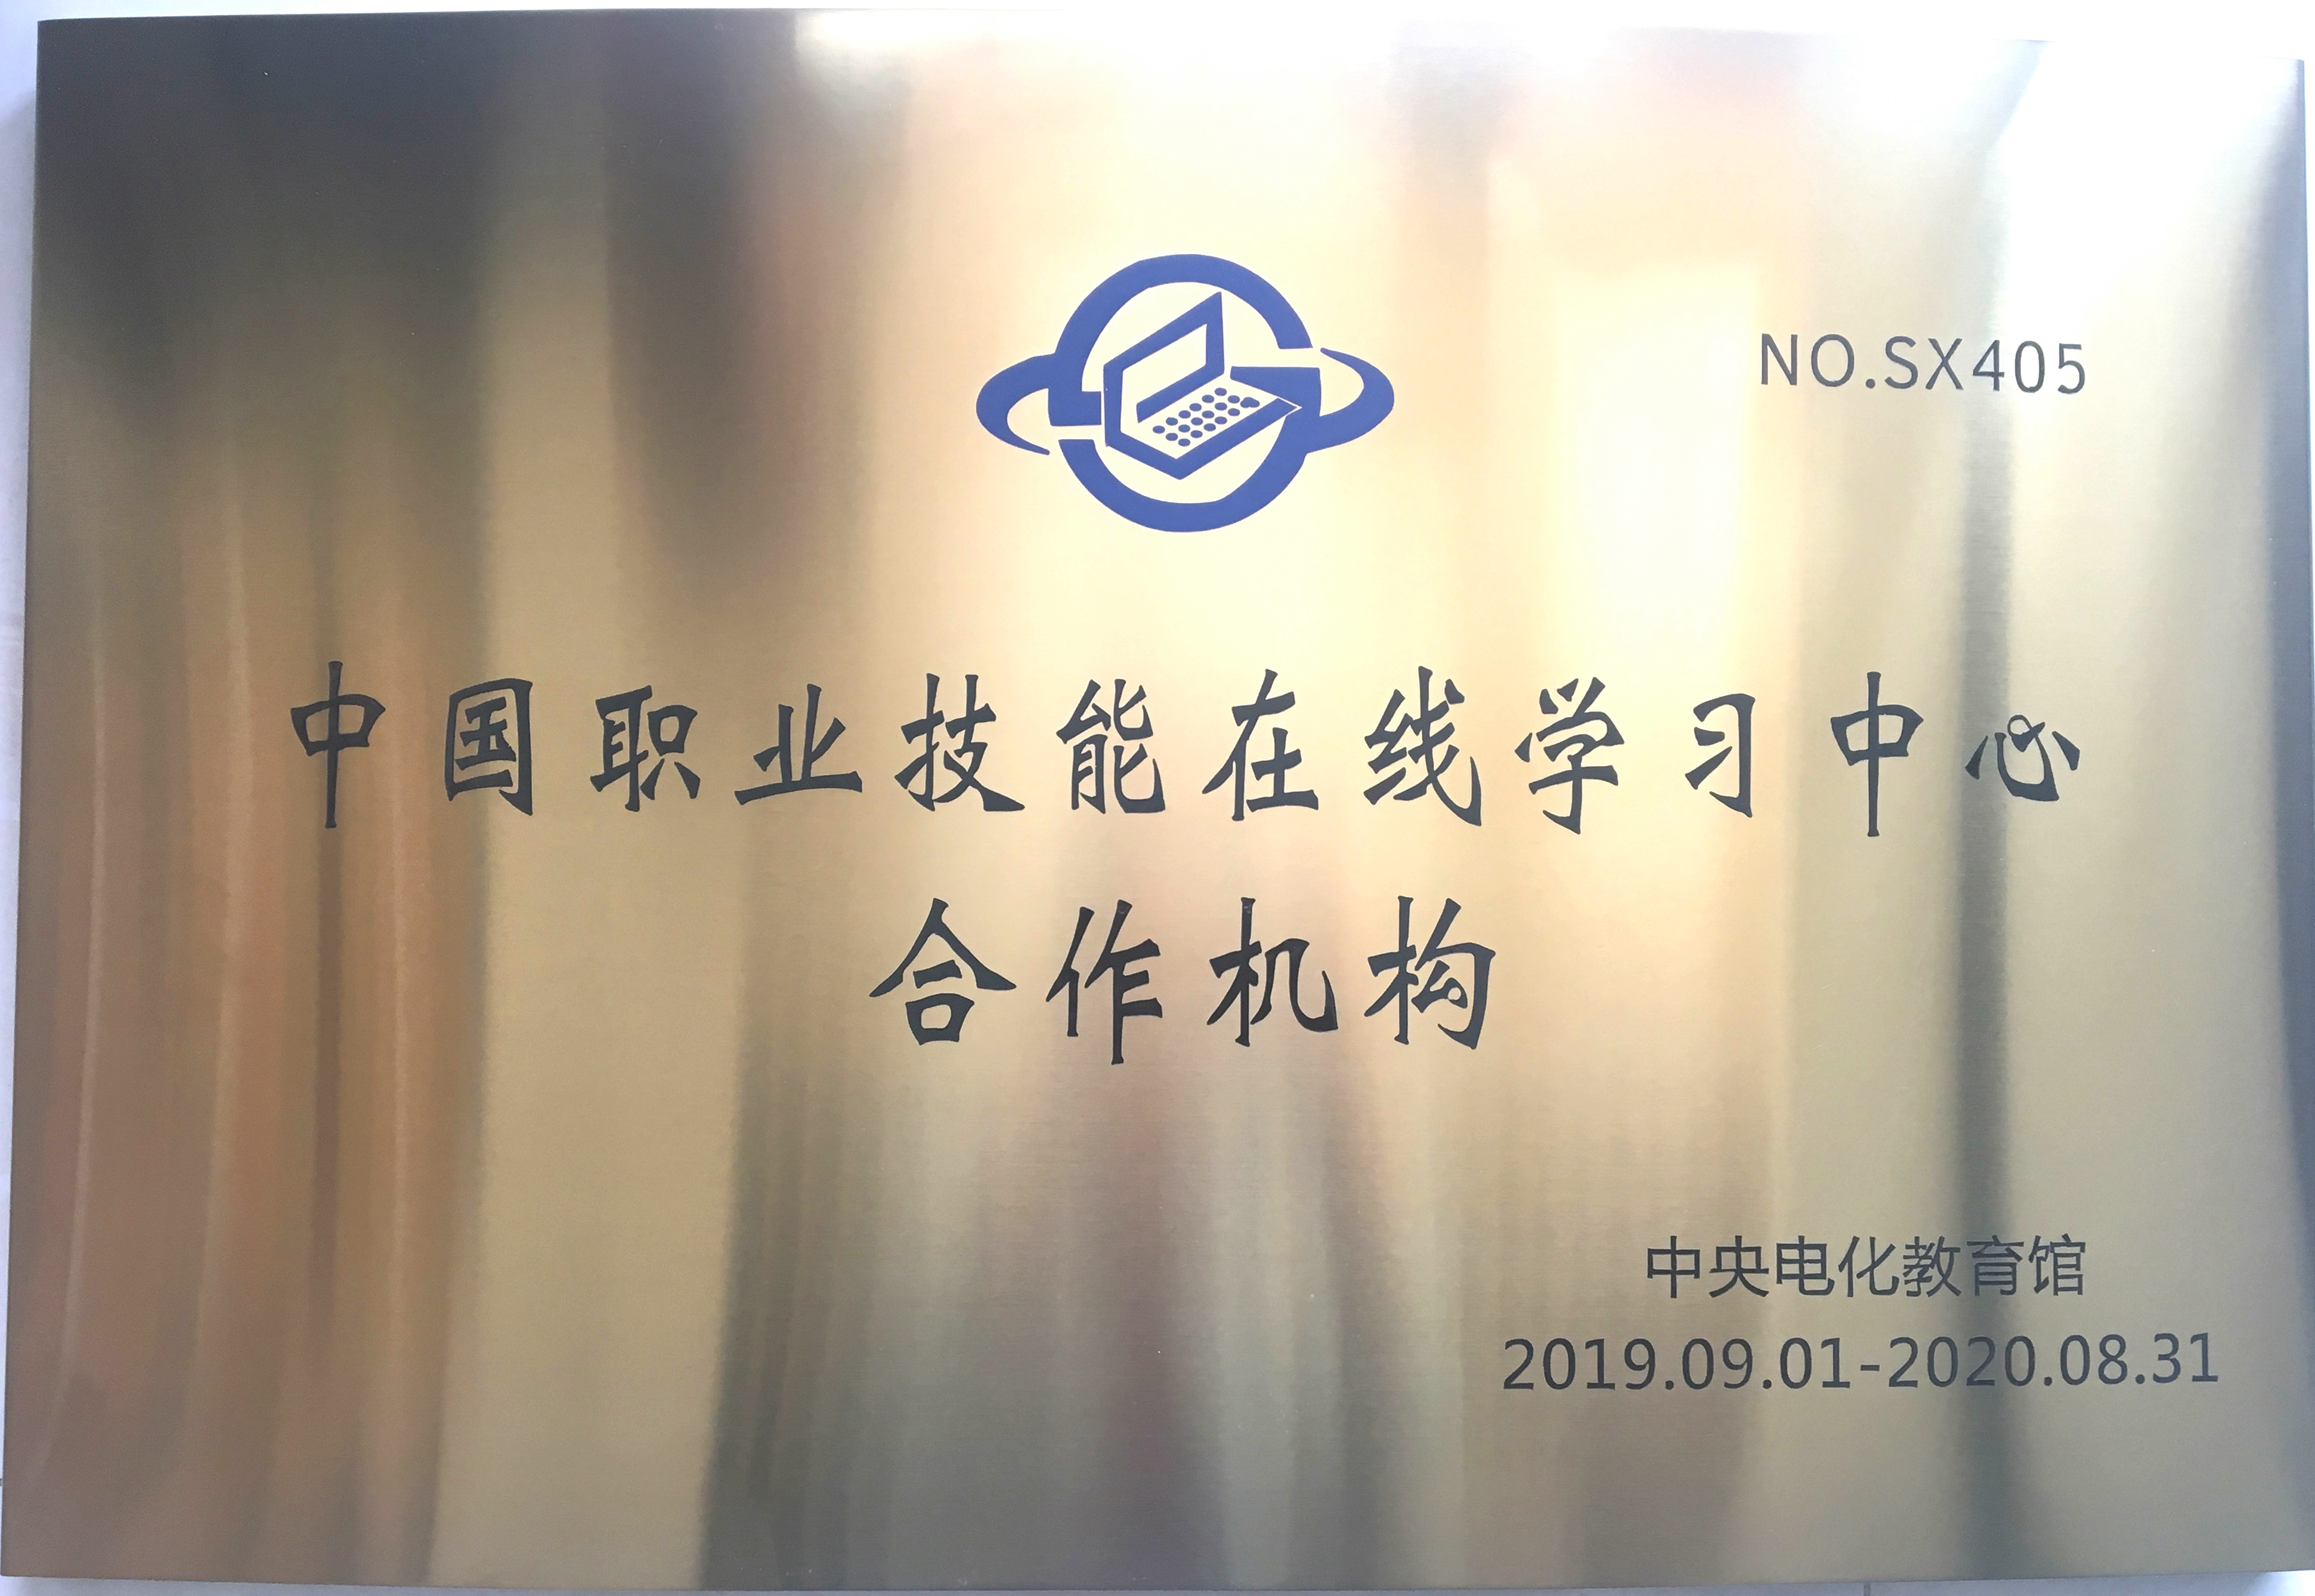 喜报!bob官网登录职校与中央电教馆签订合作协议,启动幼儿园职业园长培训!